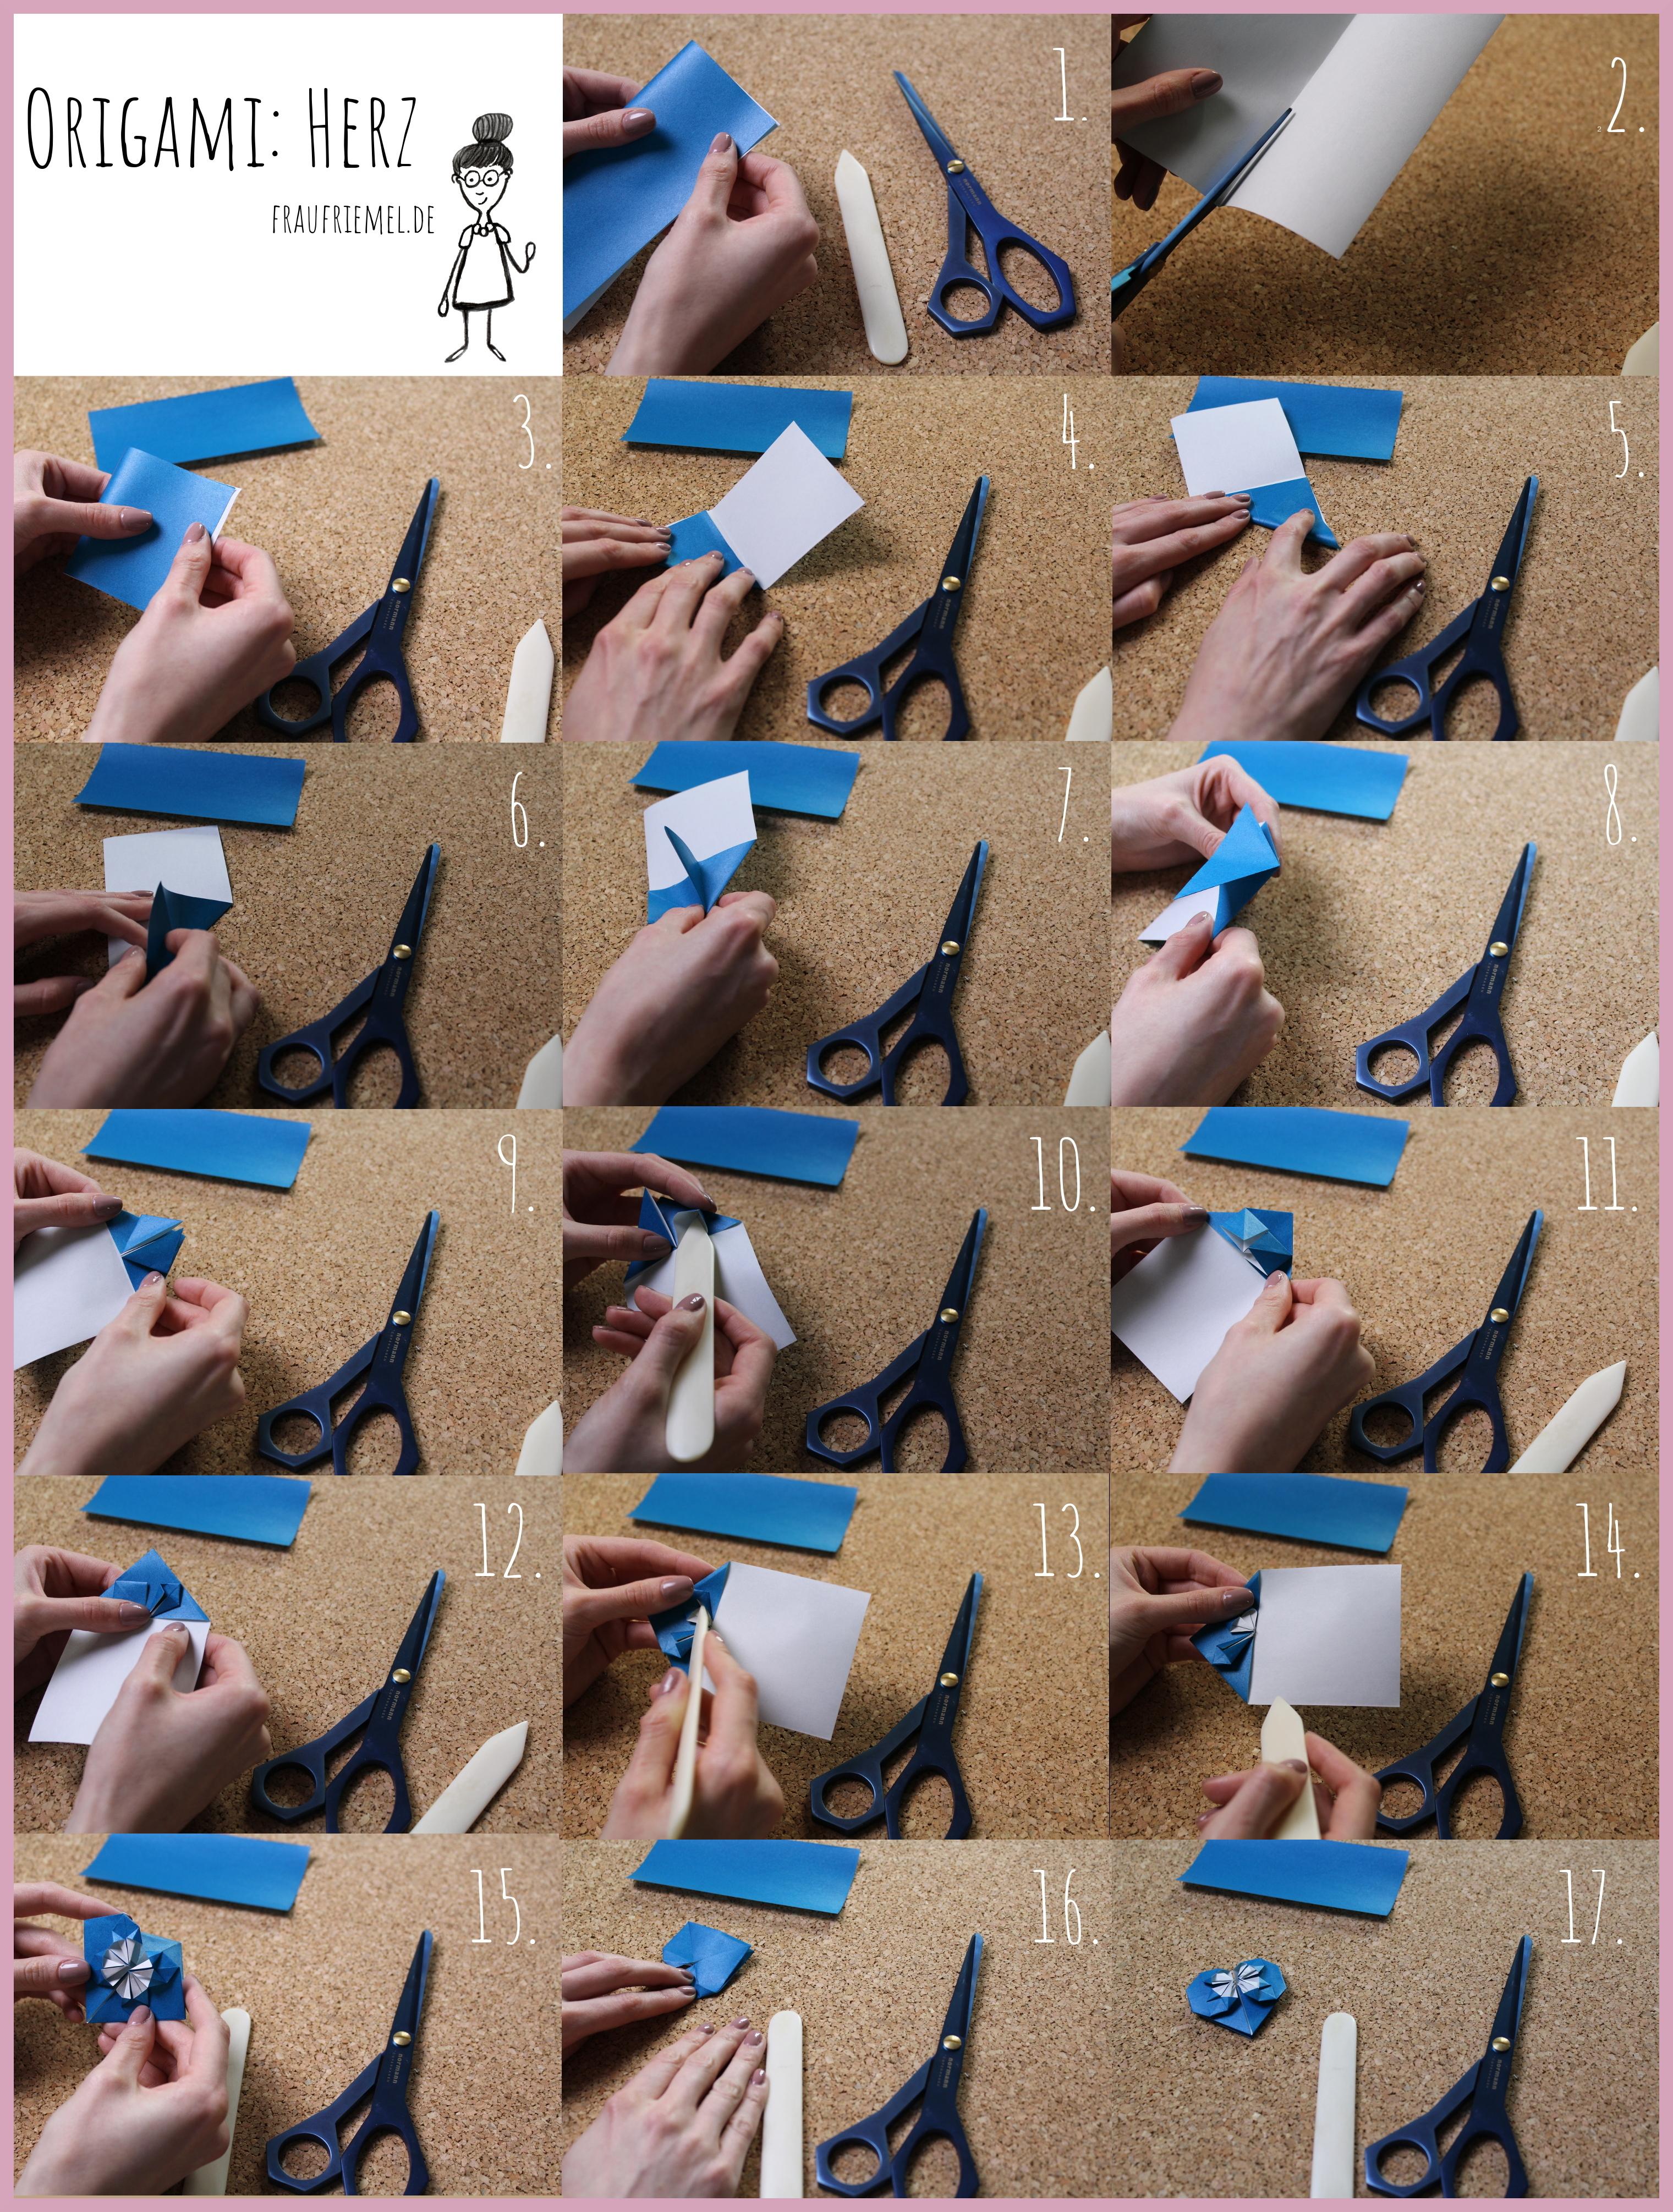 Origami Herz Bastelanleitung von frau friemel